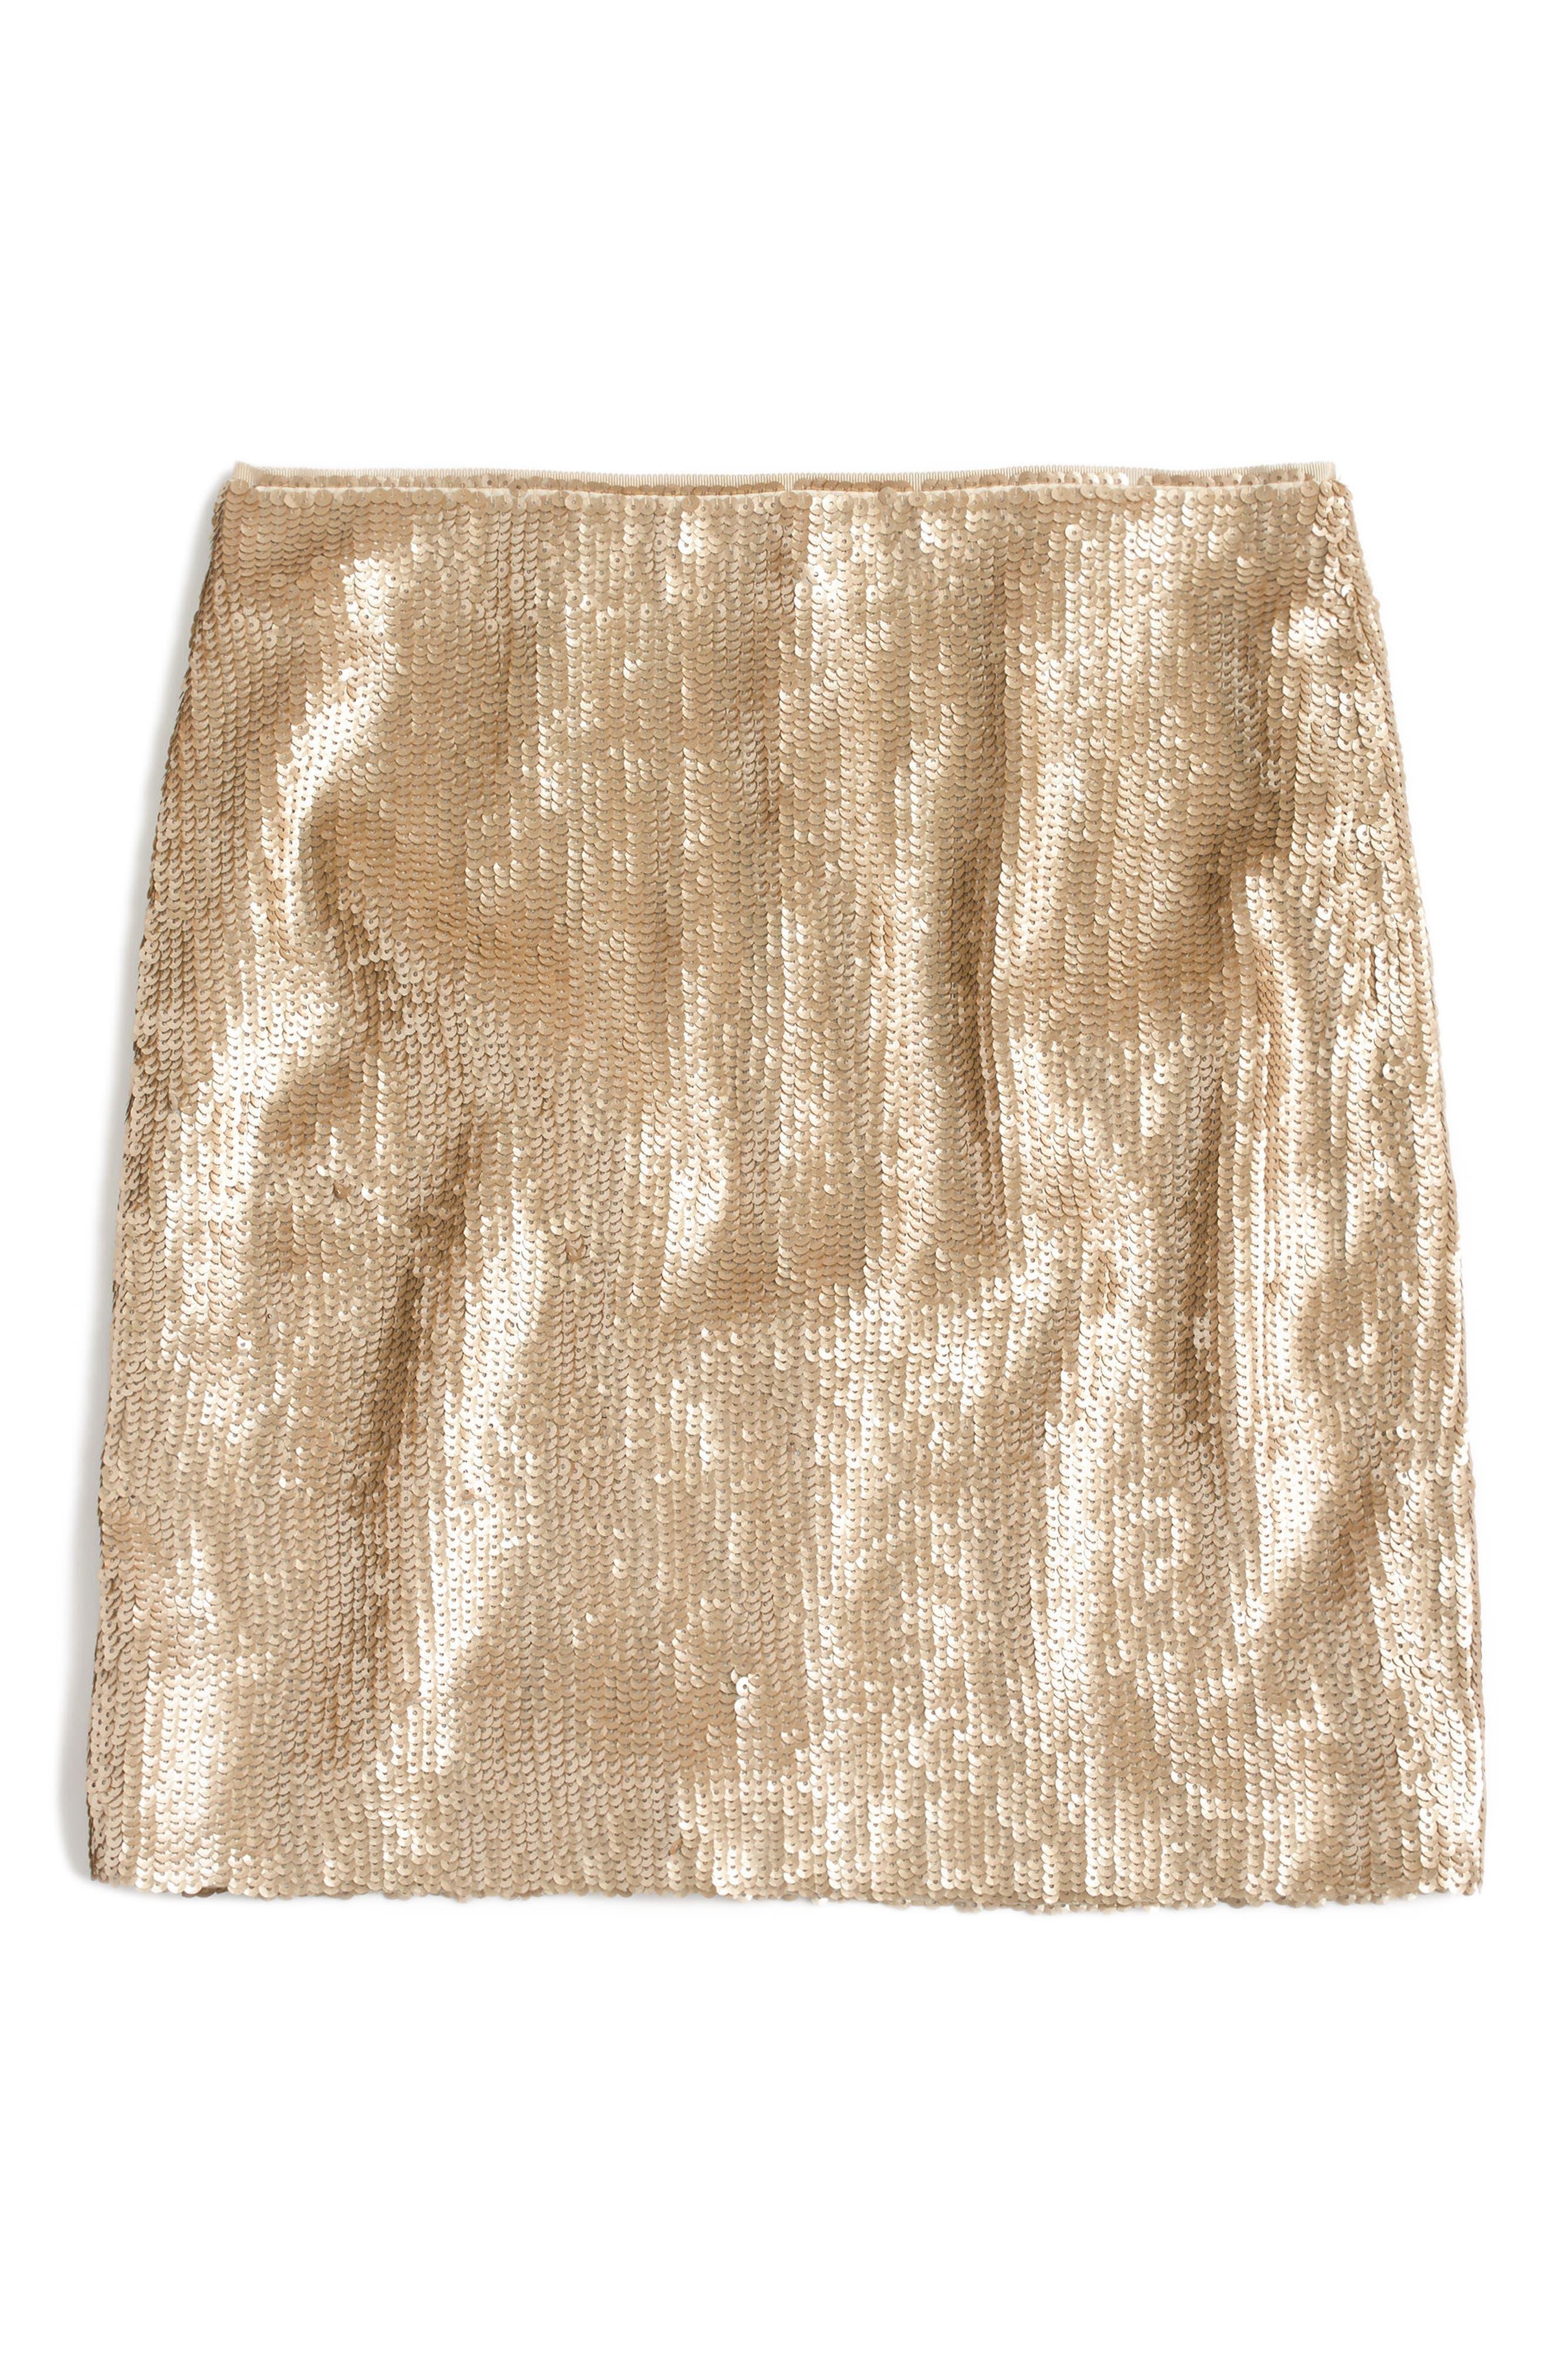 Sequin Miniskirt,                             Alternate thumbnail 3, color,                             900